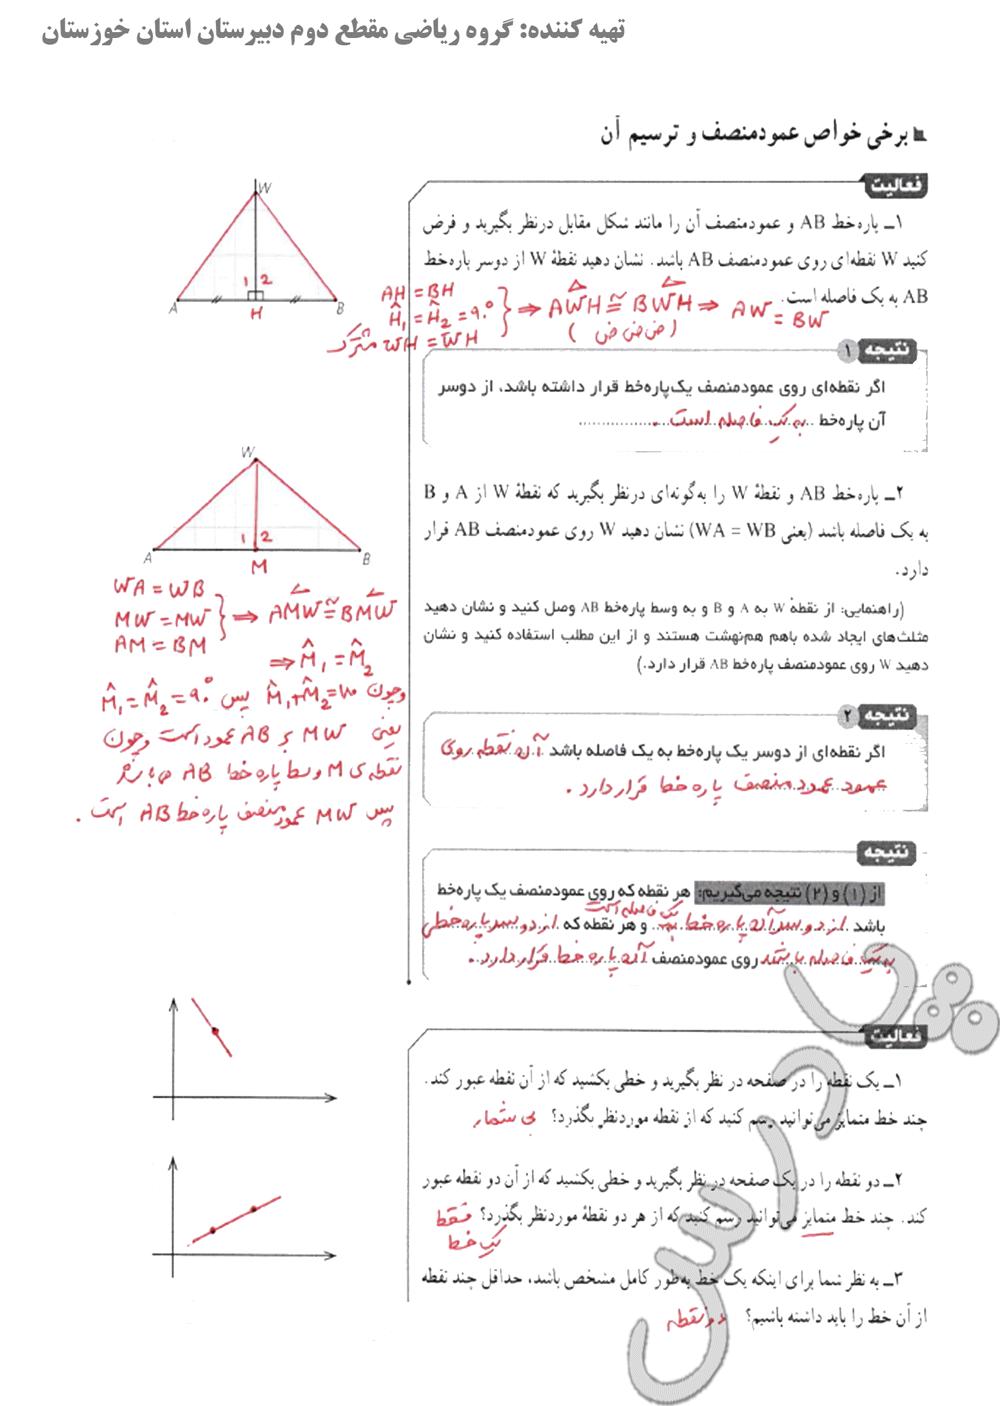 جواب فعالیت صفحه 13 فصل اول هندسه دهم